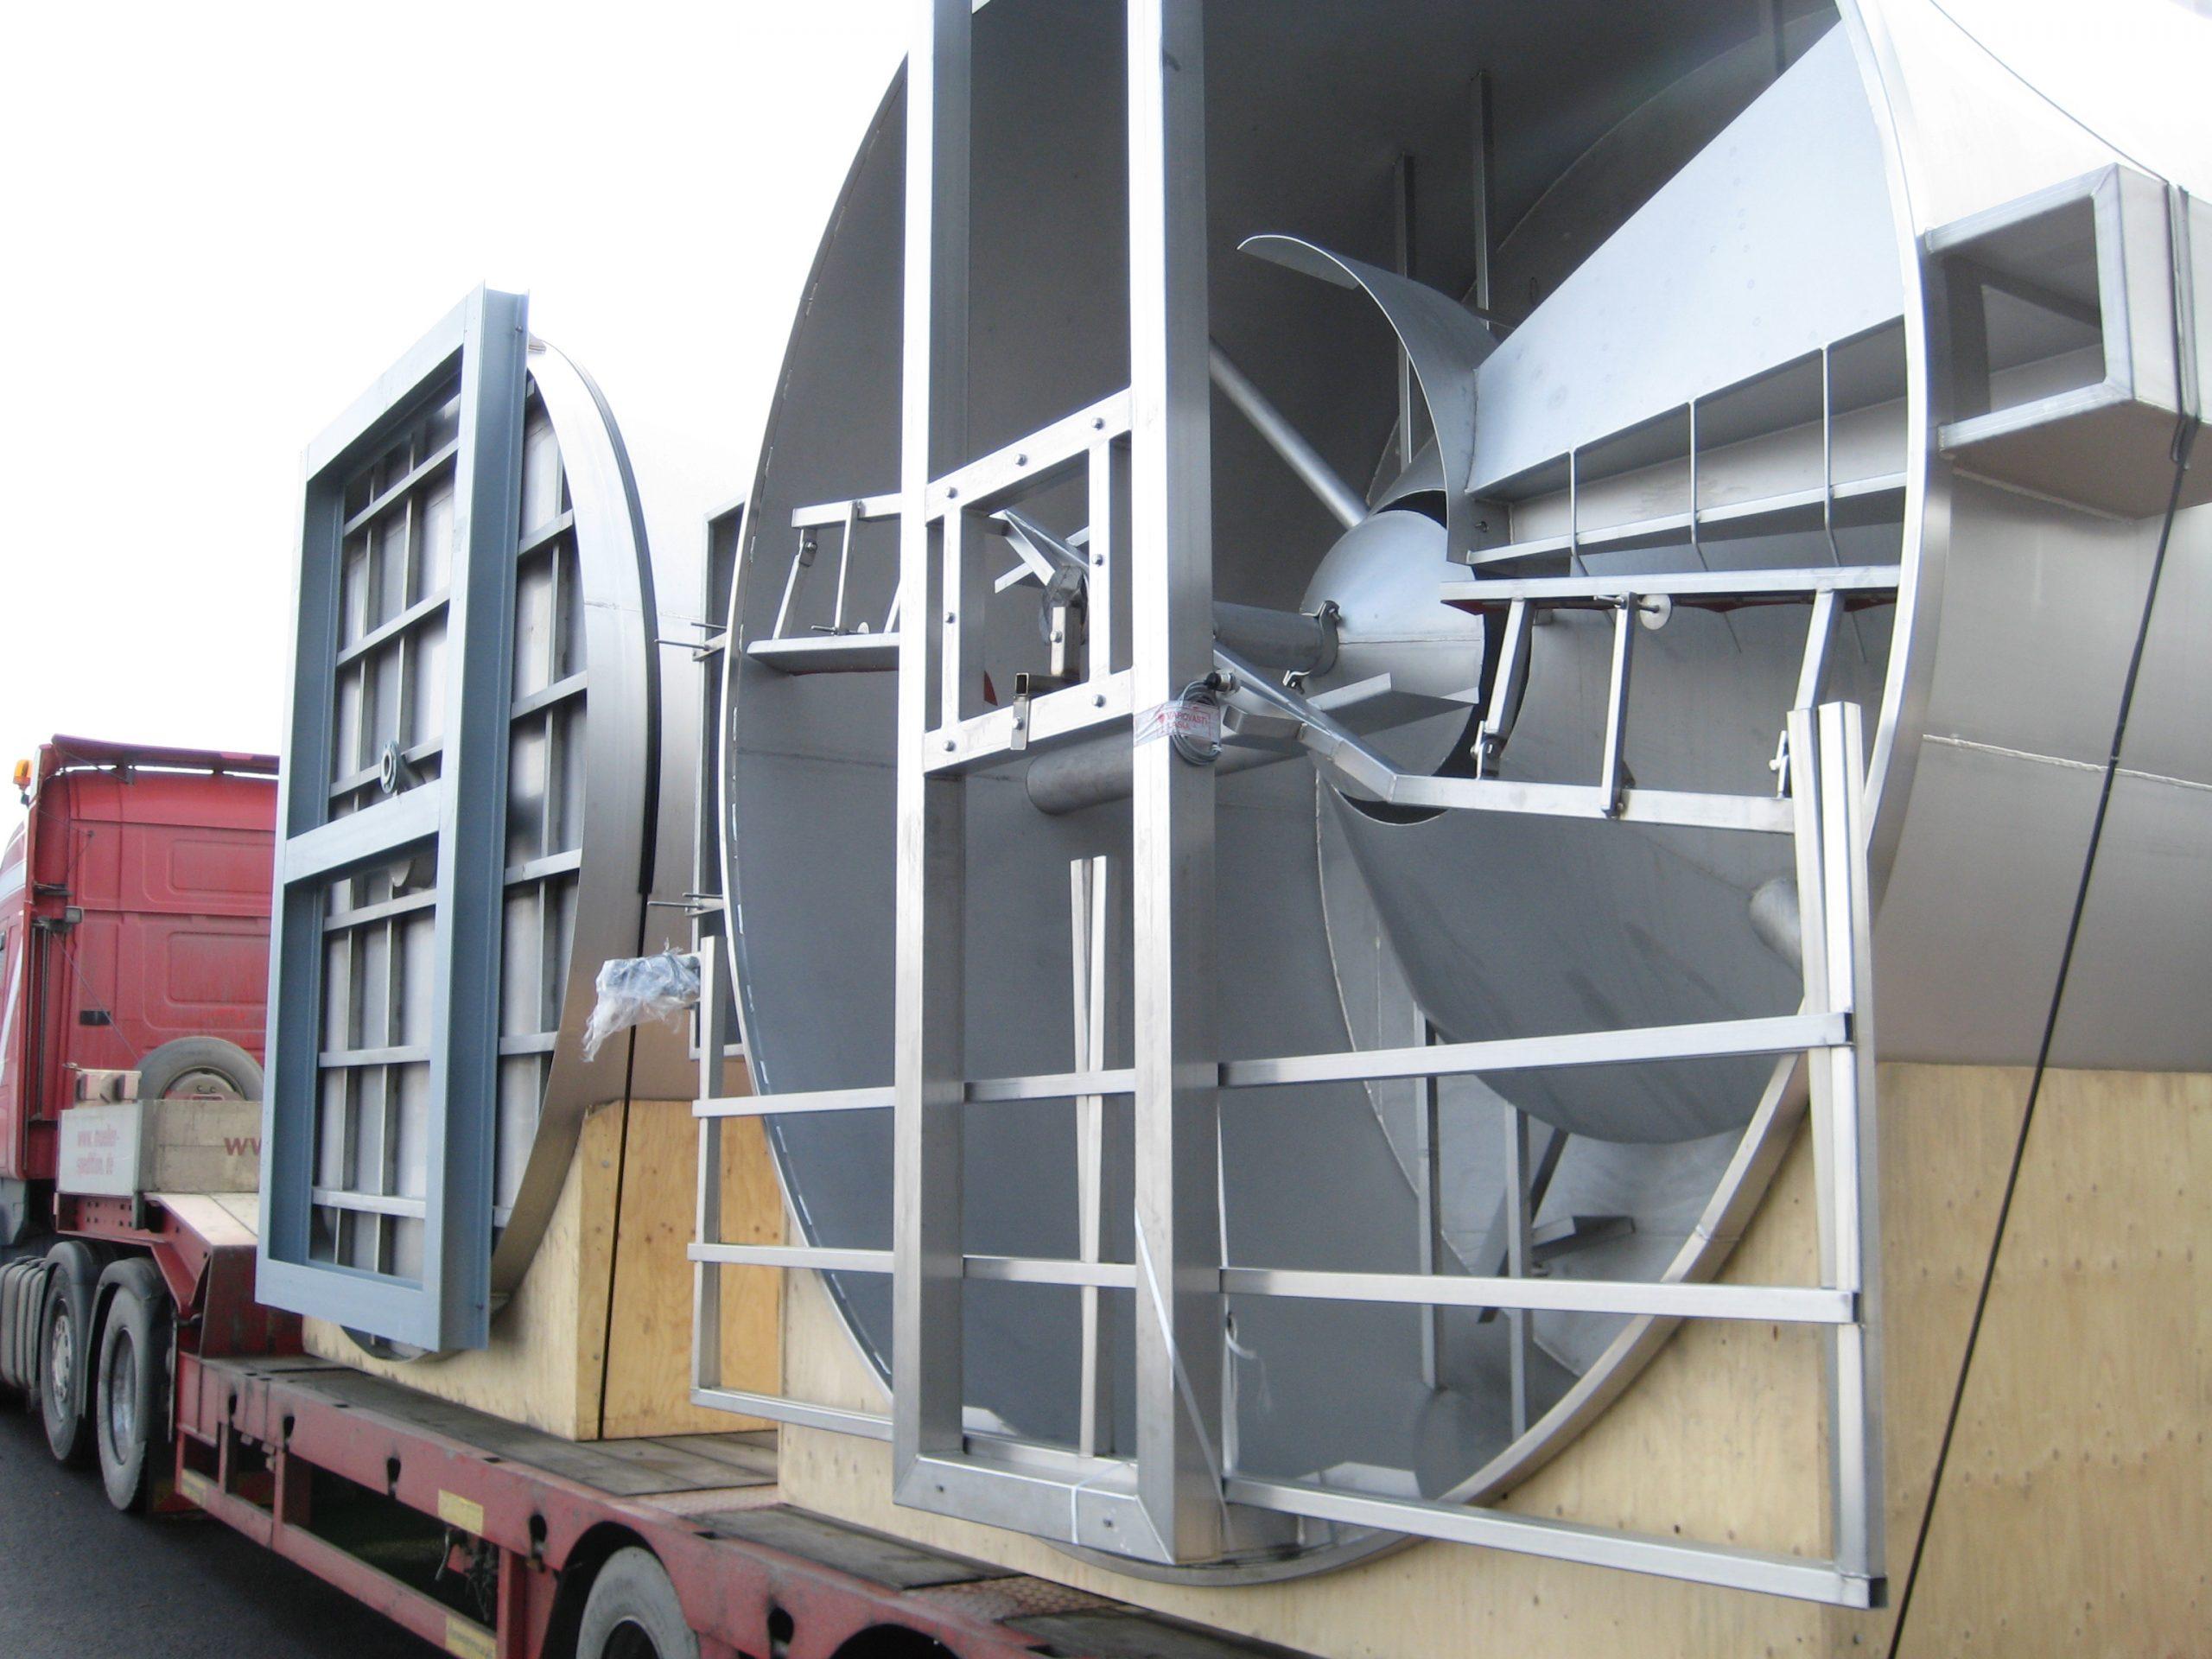 Product image: Flotation thickening units